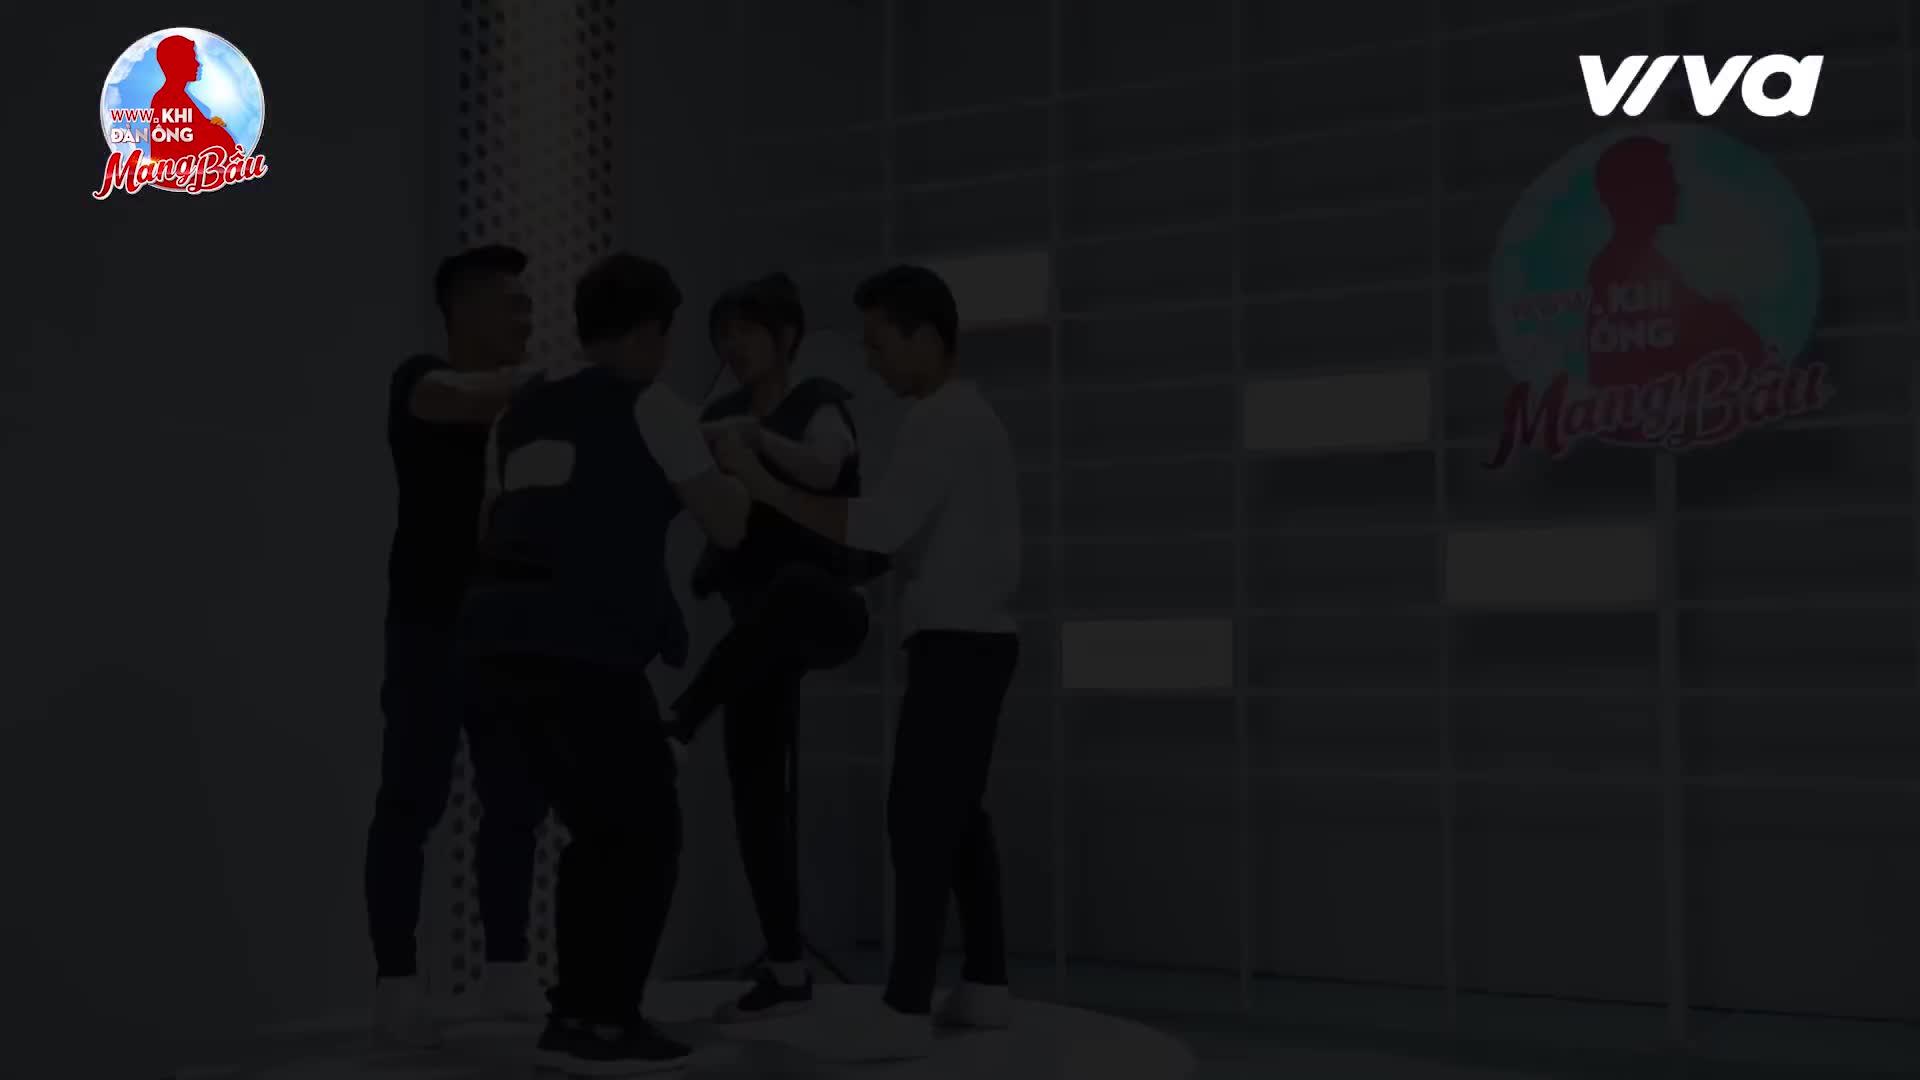 Trấn Thành làm Hari Won bật khóc, Hứa Vĩ Văn nắm tay nói yêu Kỳ Duyên?